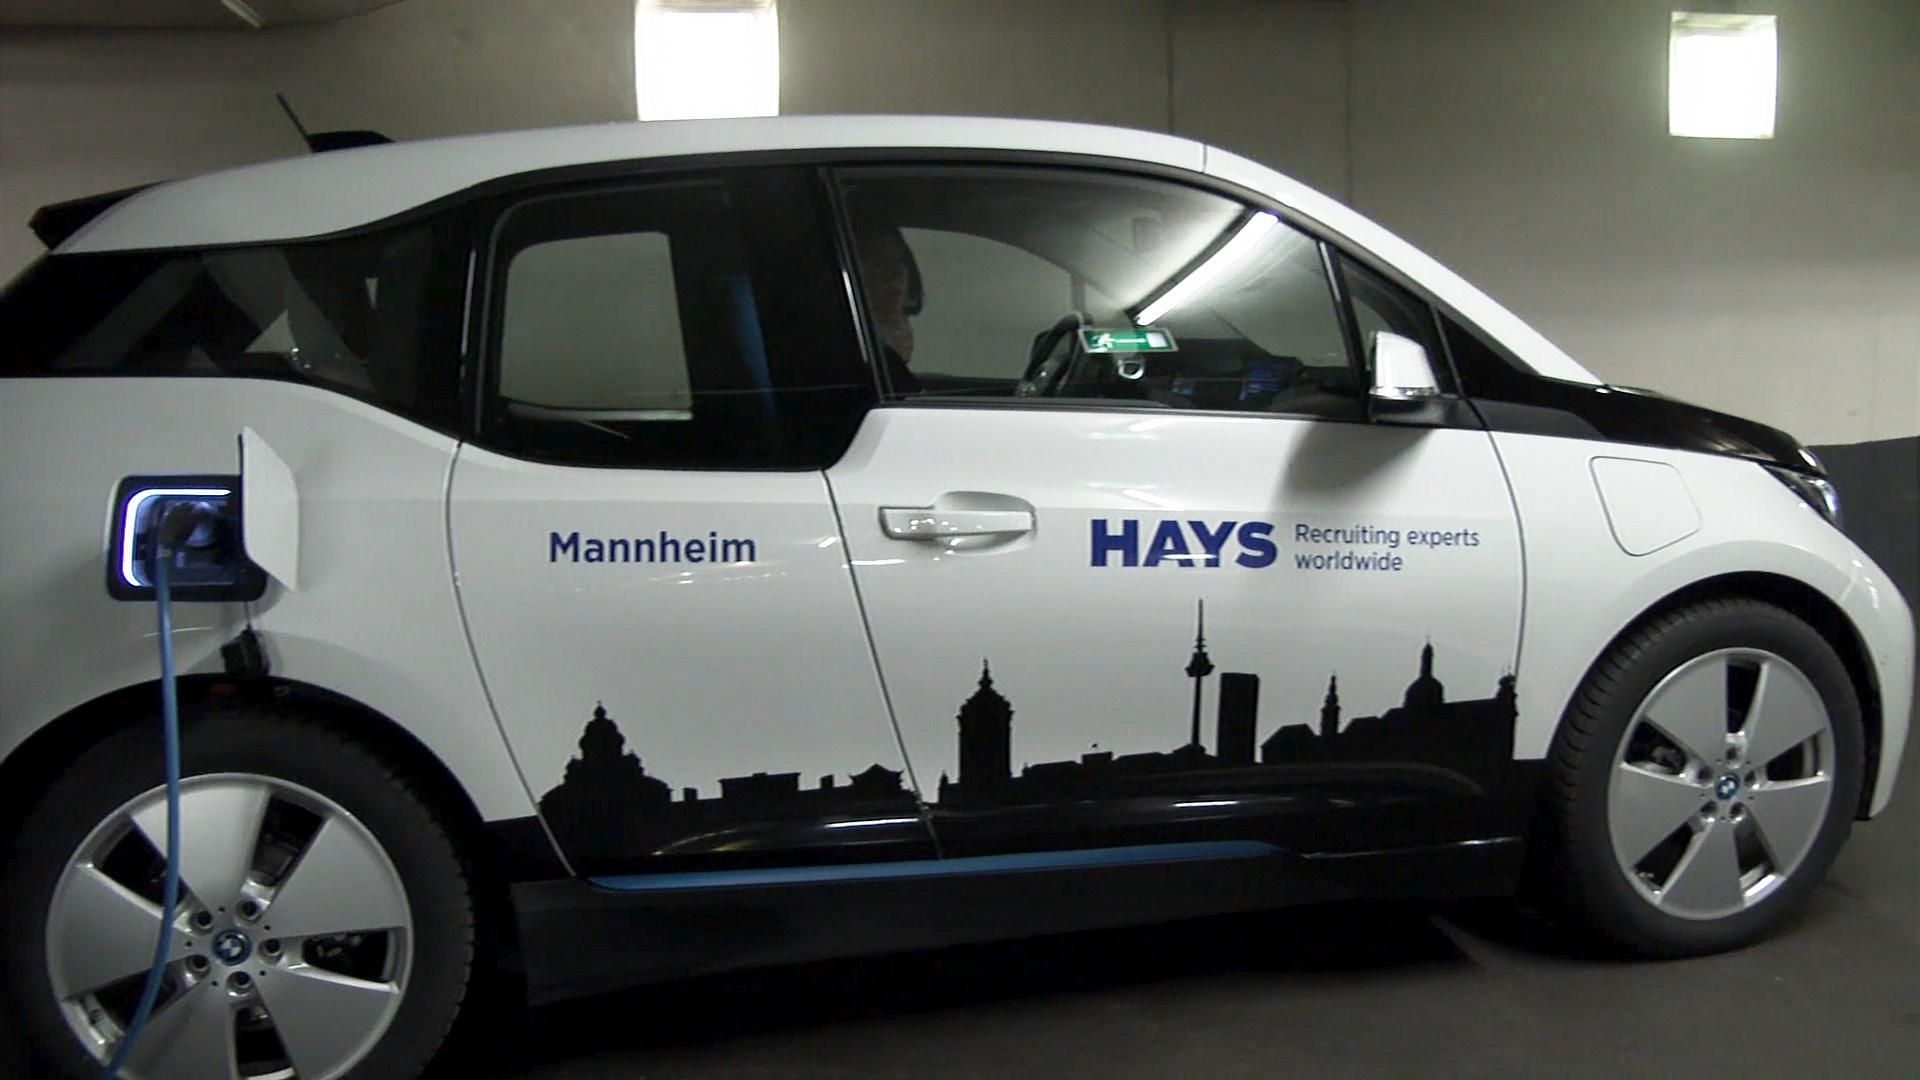 Auch beim Thema Mobilität achtet Hays auf umweltfreundliche Alternativen